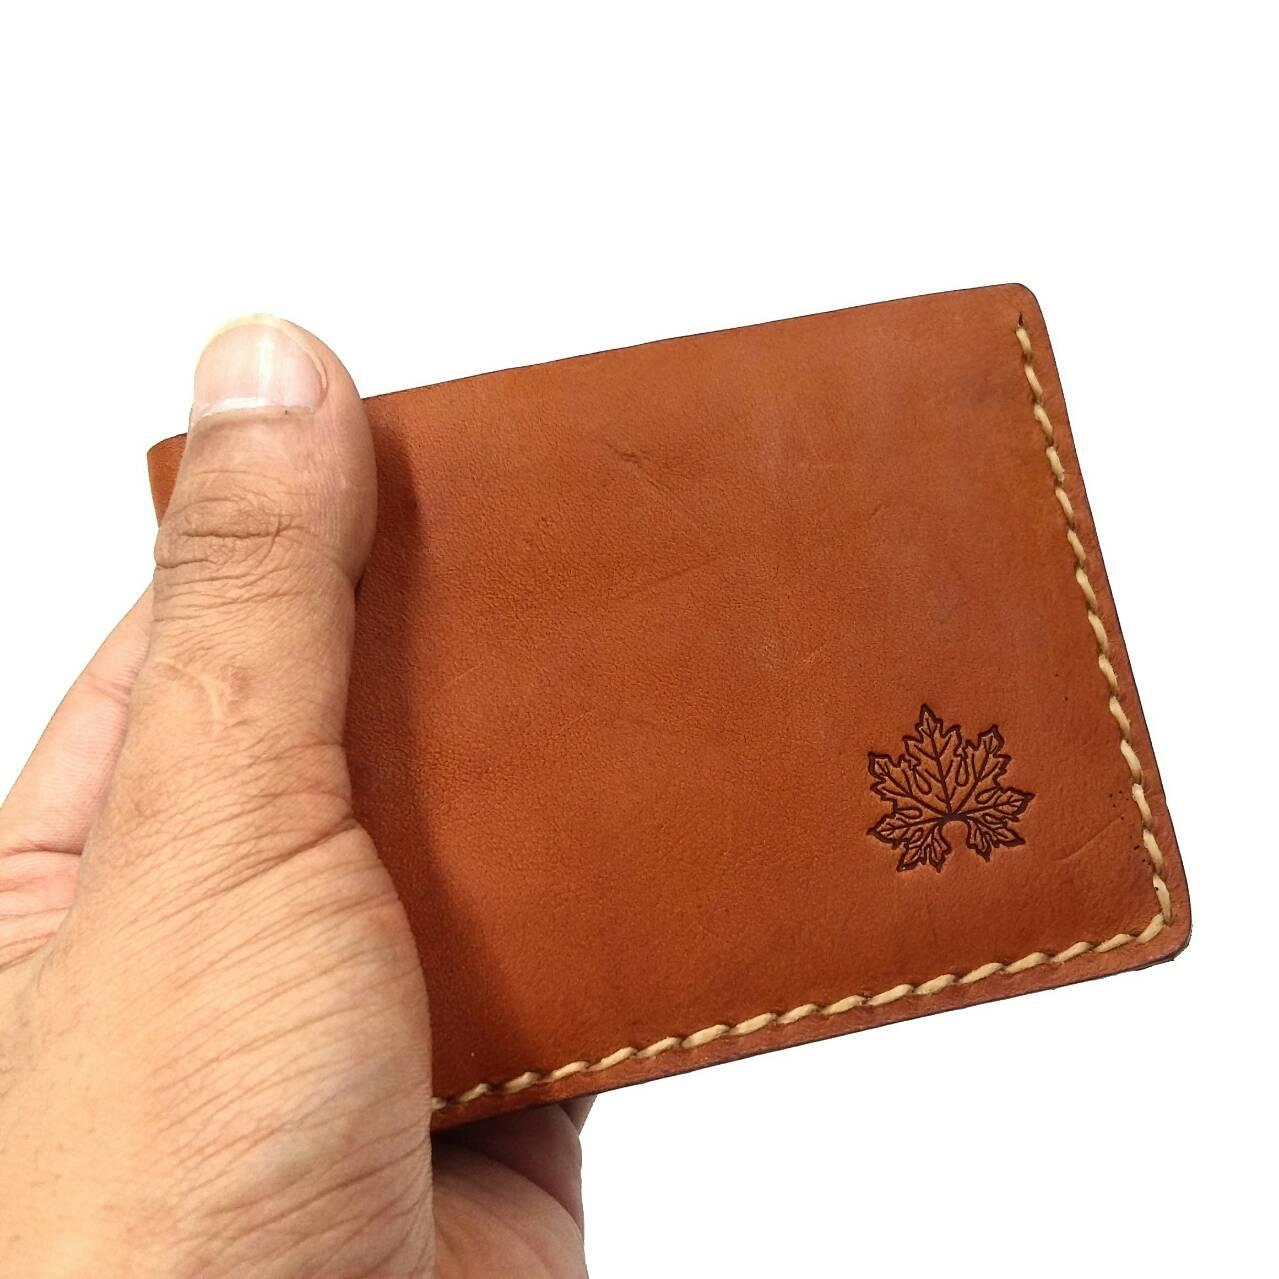 กระเป๋าสตางค์ผู้ชาย เย็บด้วยด้ายเทียนจากญี่ปุ่น เรียบหรู มีระดับ ผลิตจากหนังแท้ทั้งใบ หนังฟอกฟาด(อิตาลี)